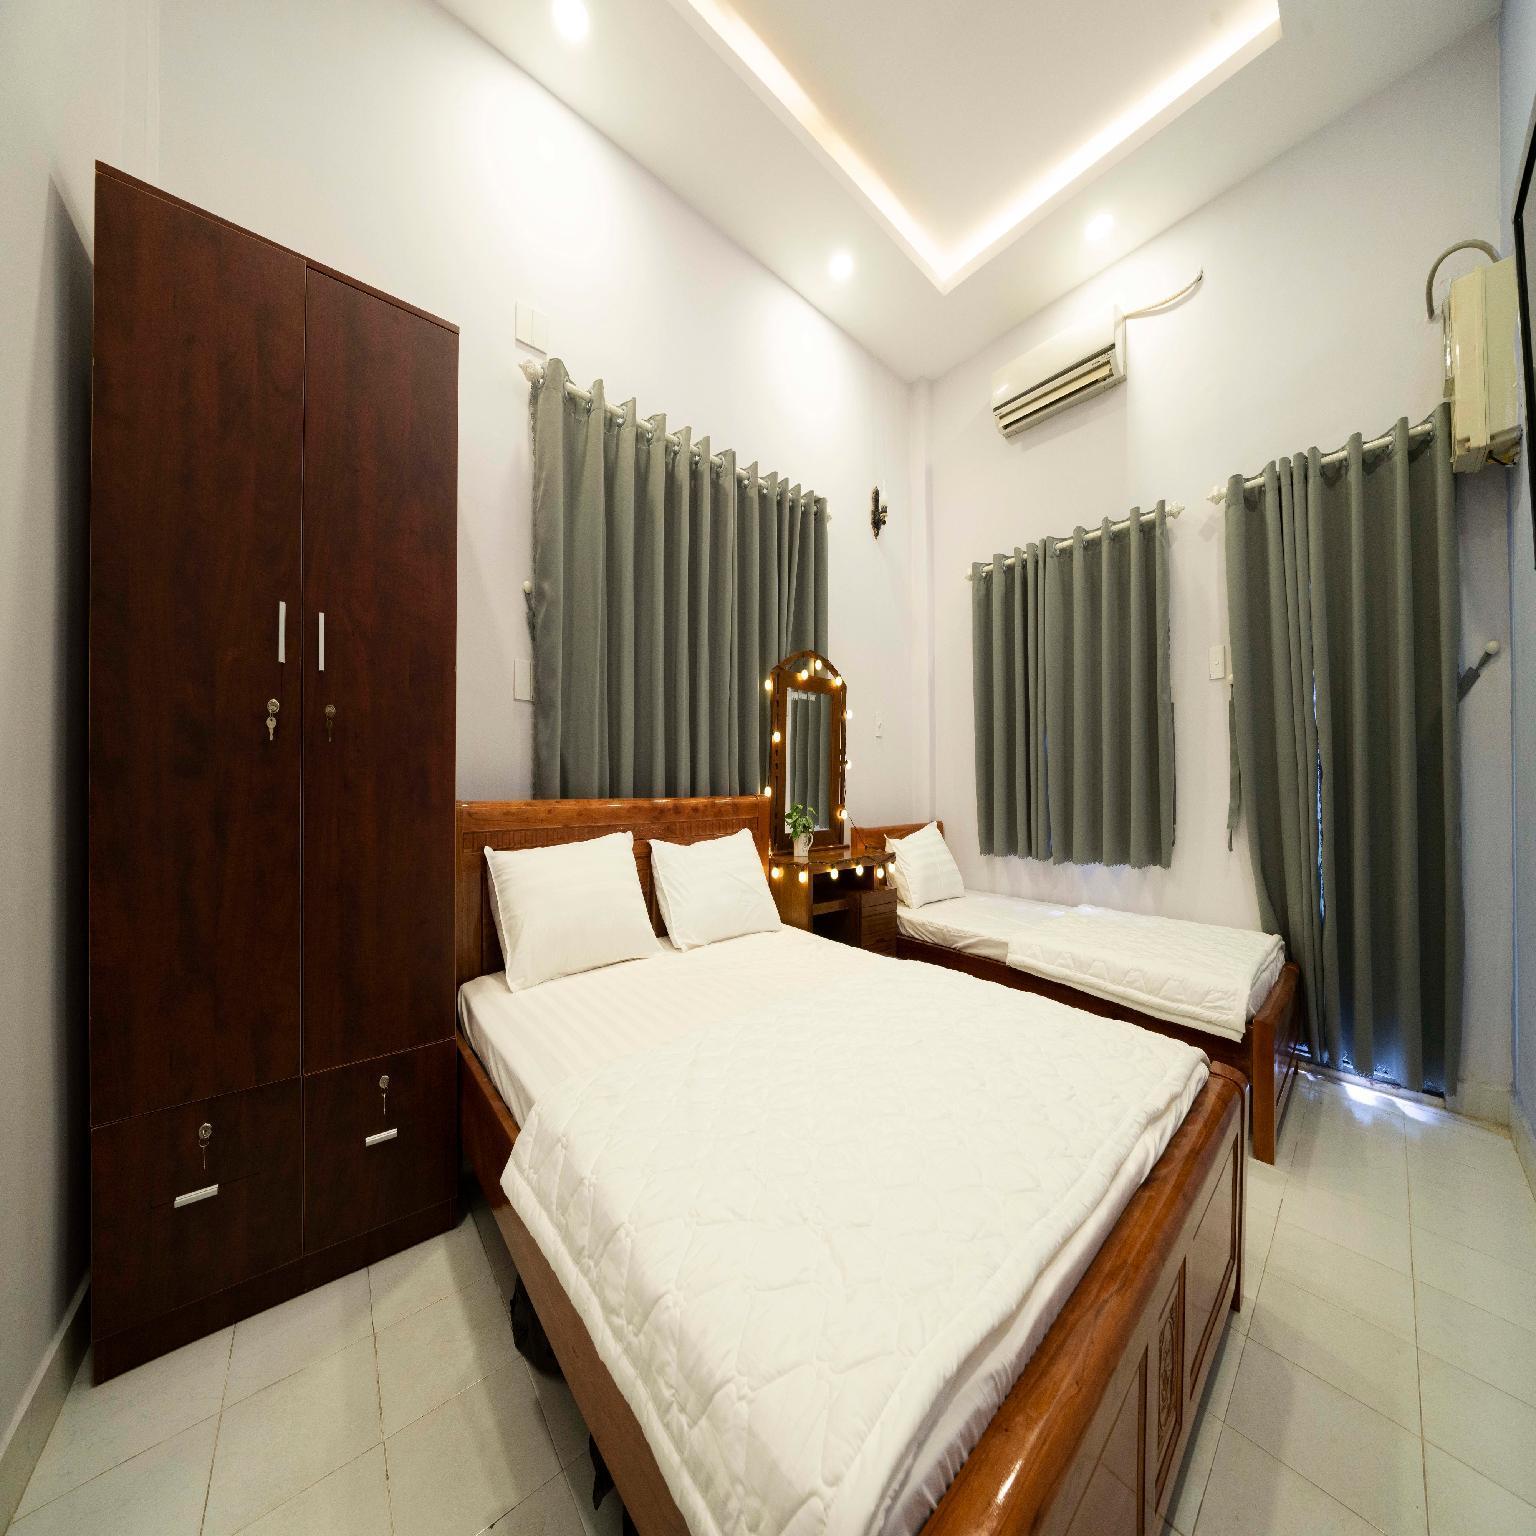 Saigon Center Hostel